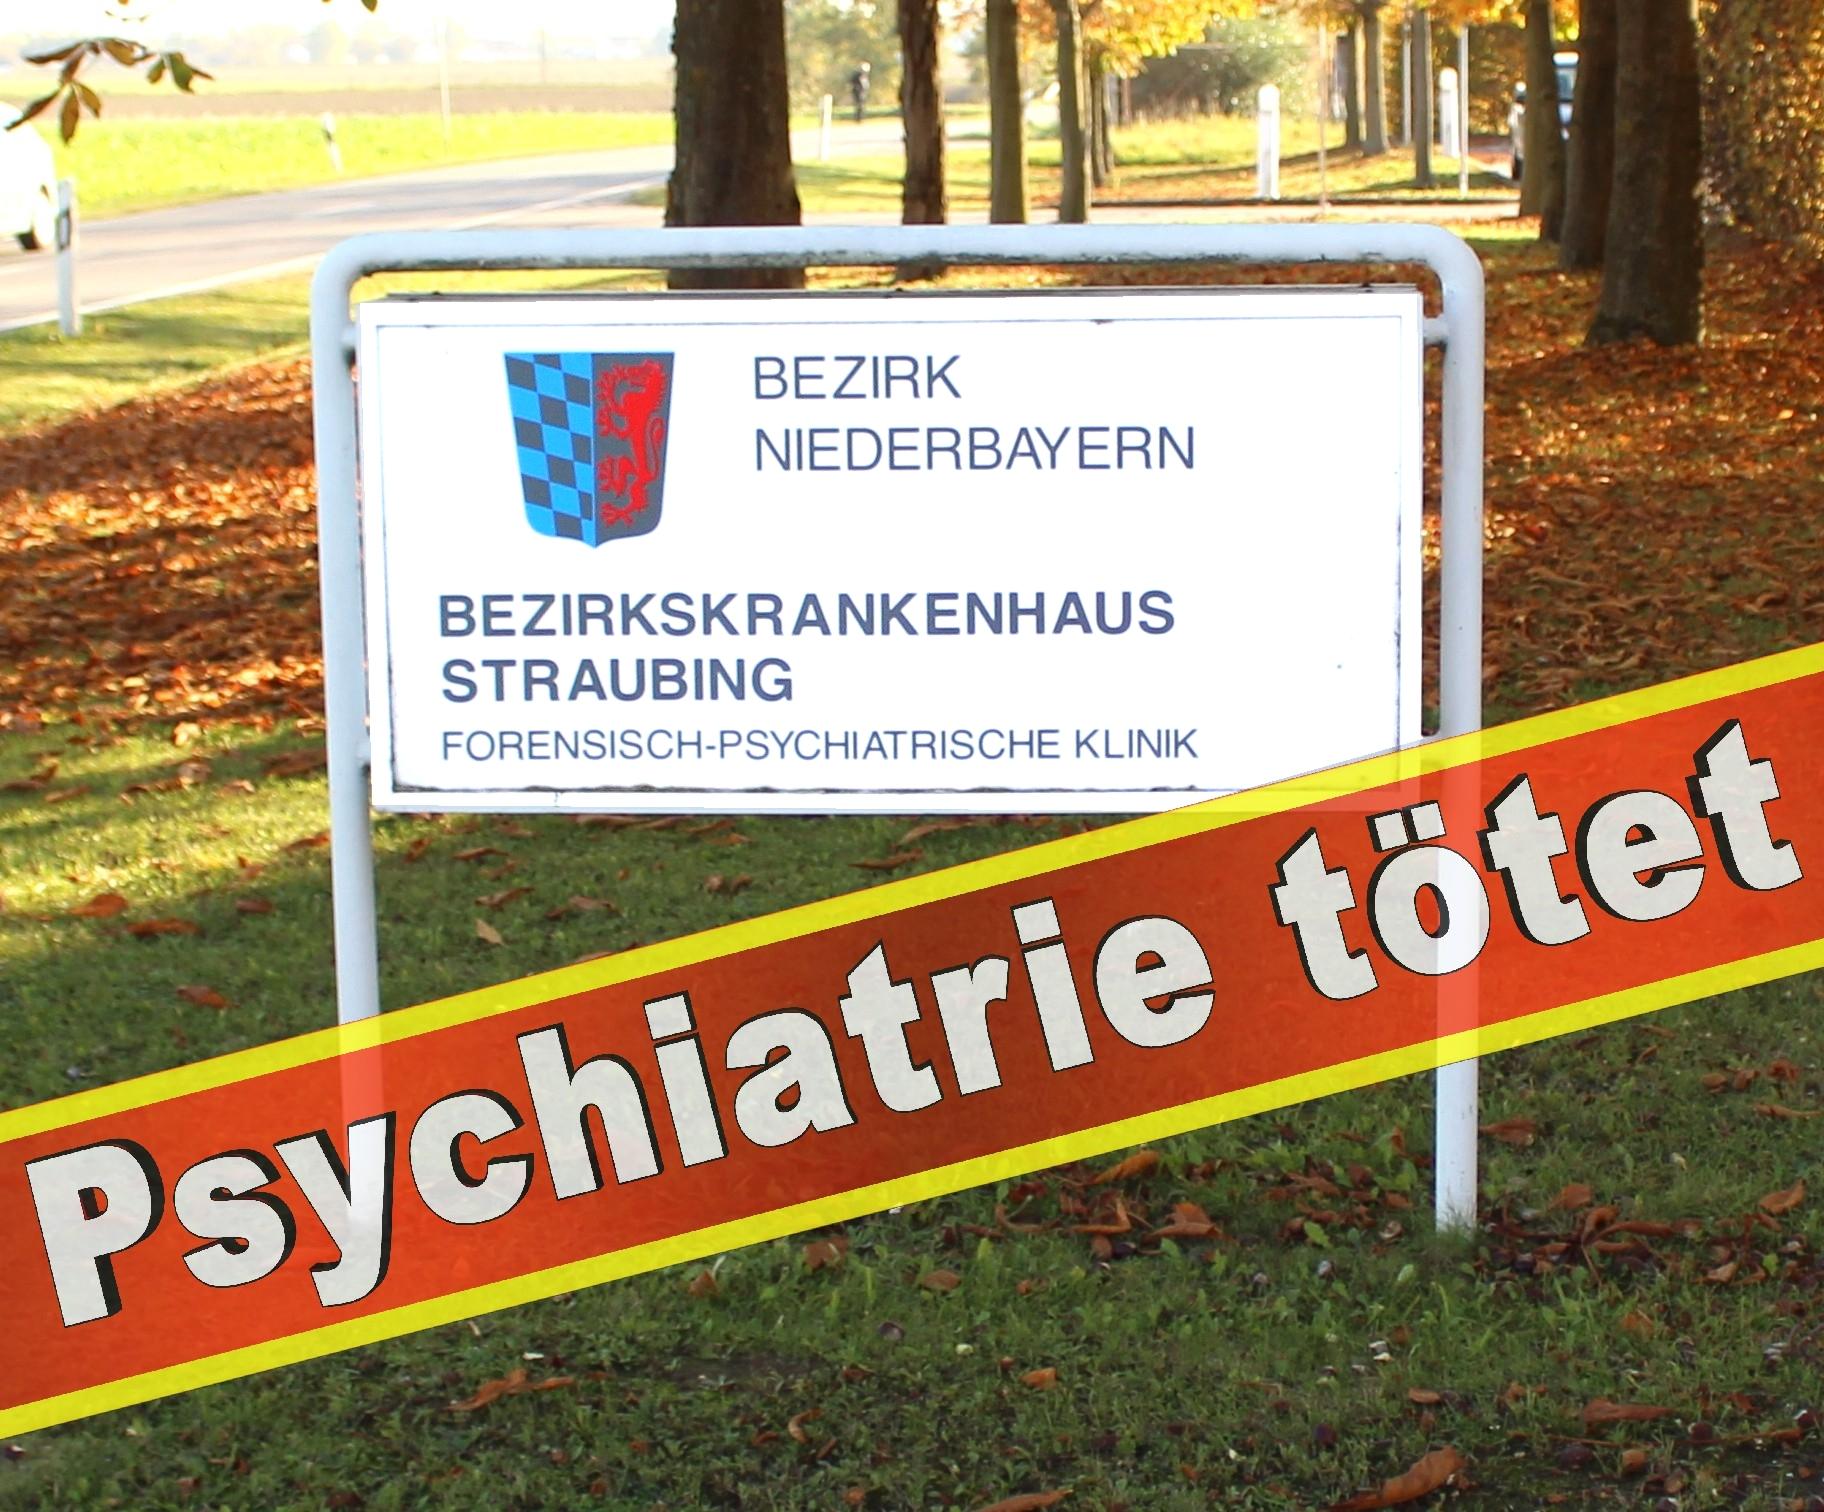 Bezirkskrankenhaus Straubing Forensik Lerchenhaid 32 94315 Straubing (32)